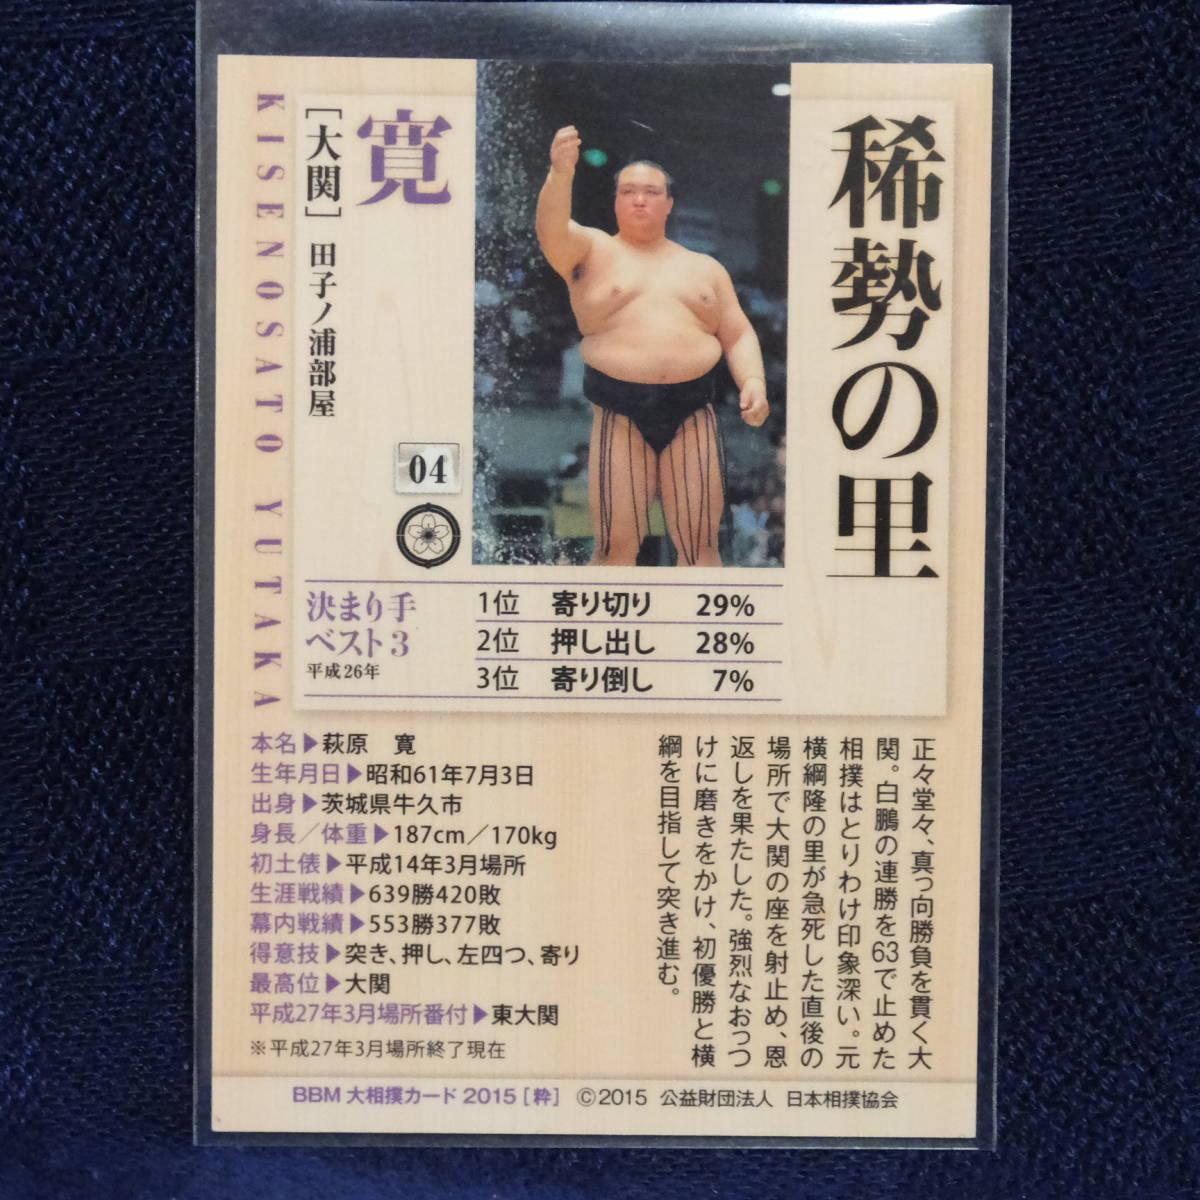 BBM2015 大相撲カード 粋 稀勢の里 直筆サインカード イベント抽選賞品 _画像2